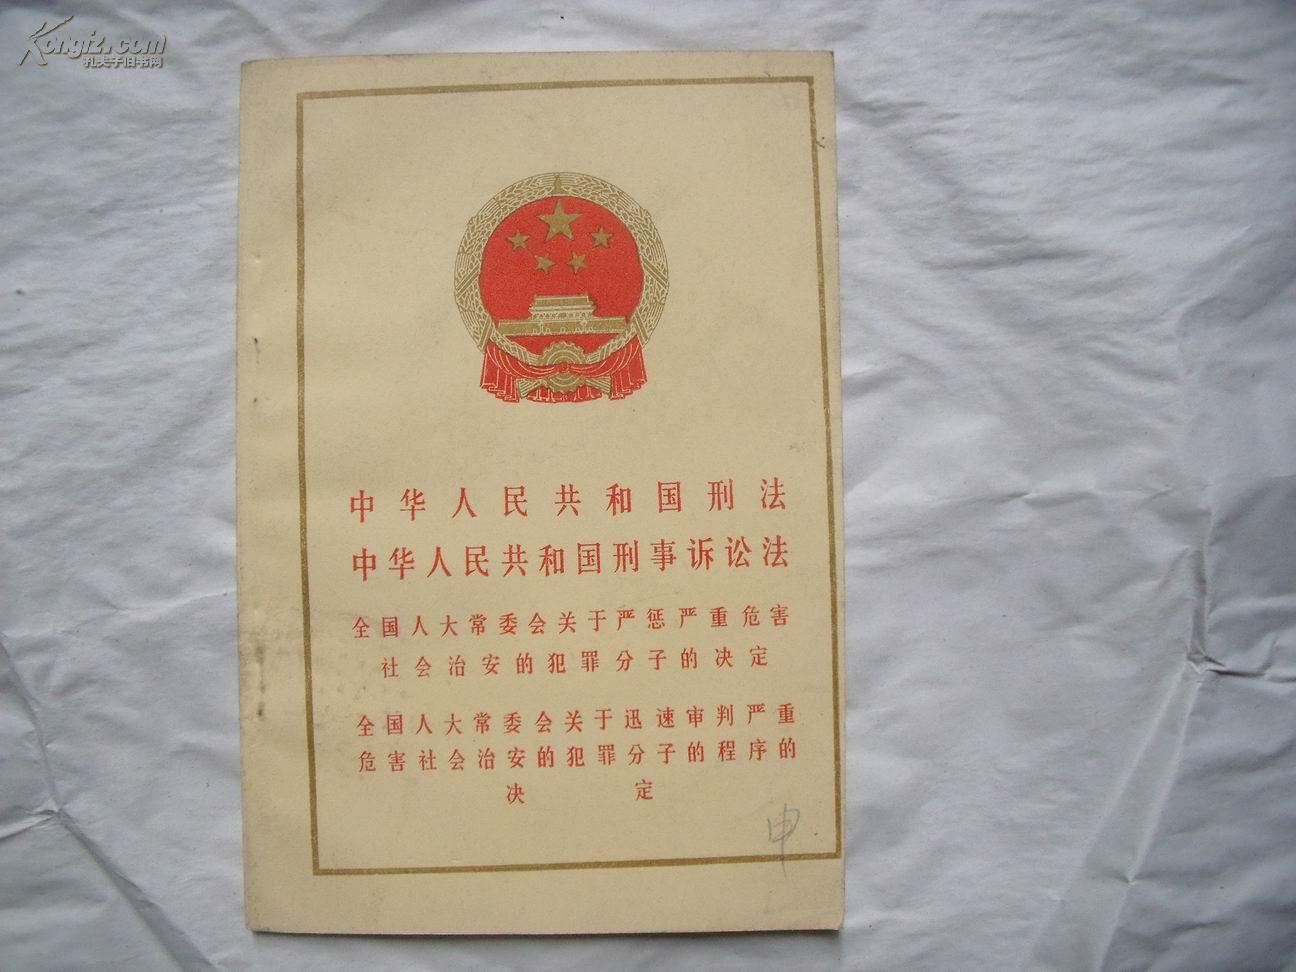 24068《中华人民共和国刑法 中华人民共和国刑事诉讼法 》